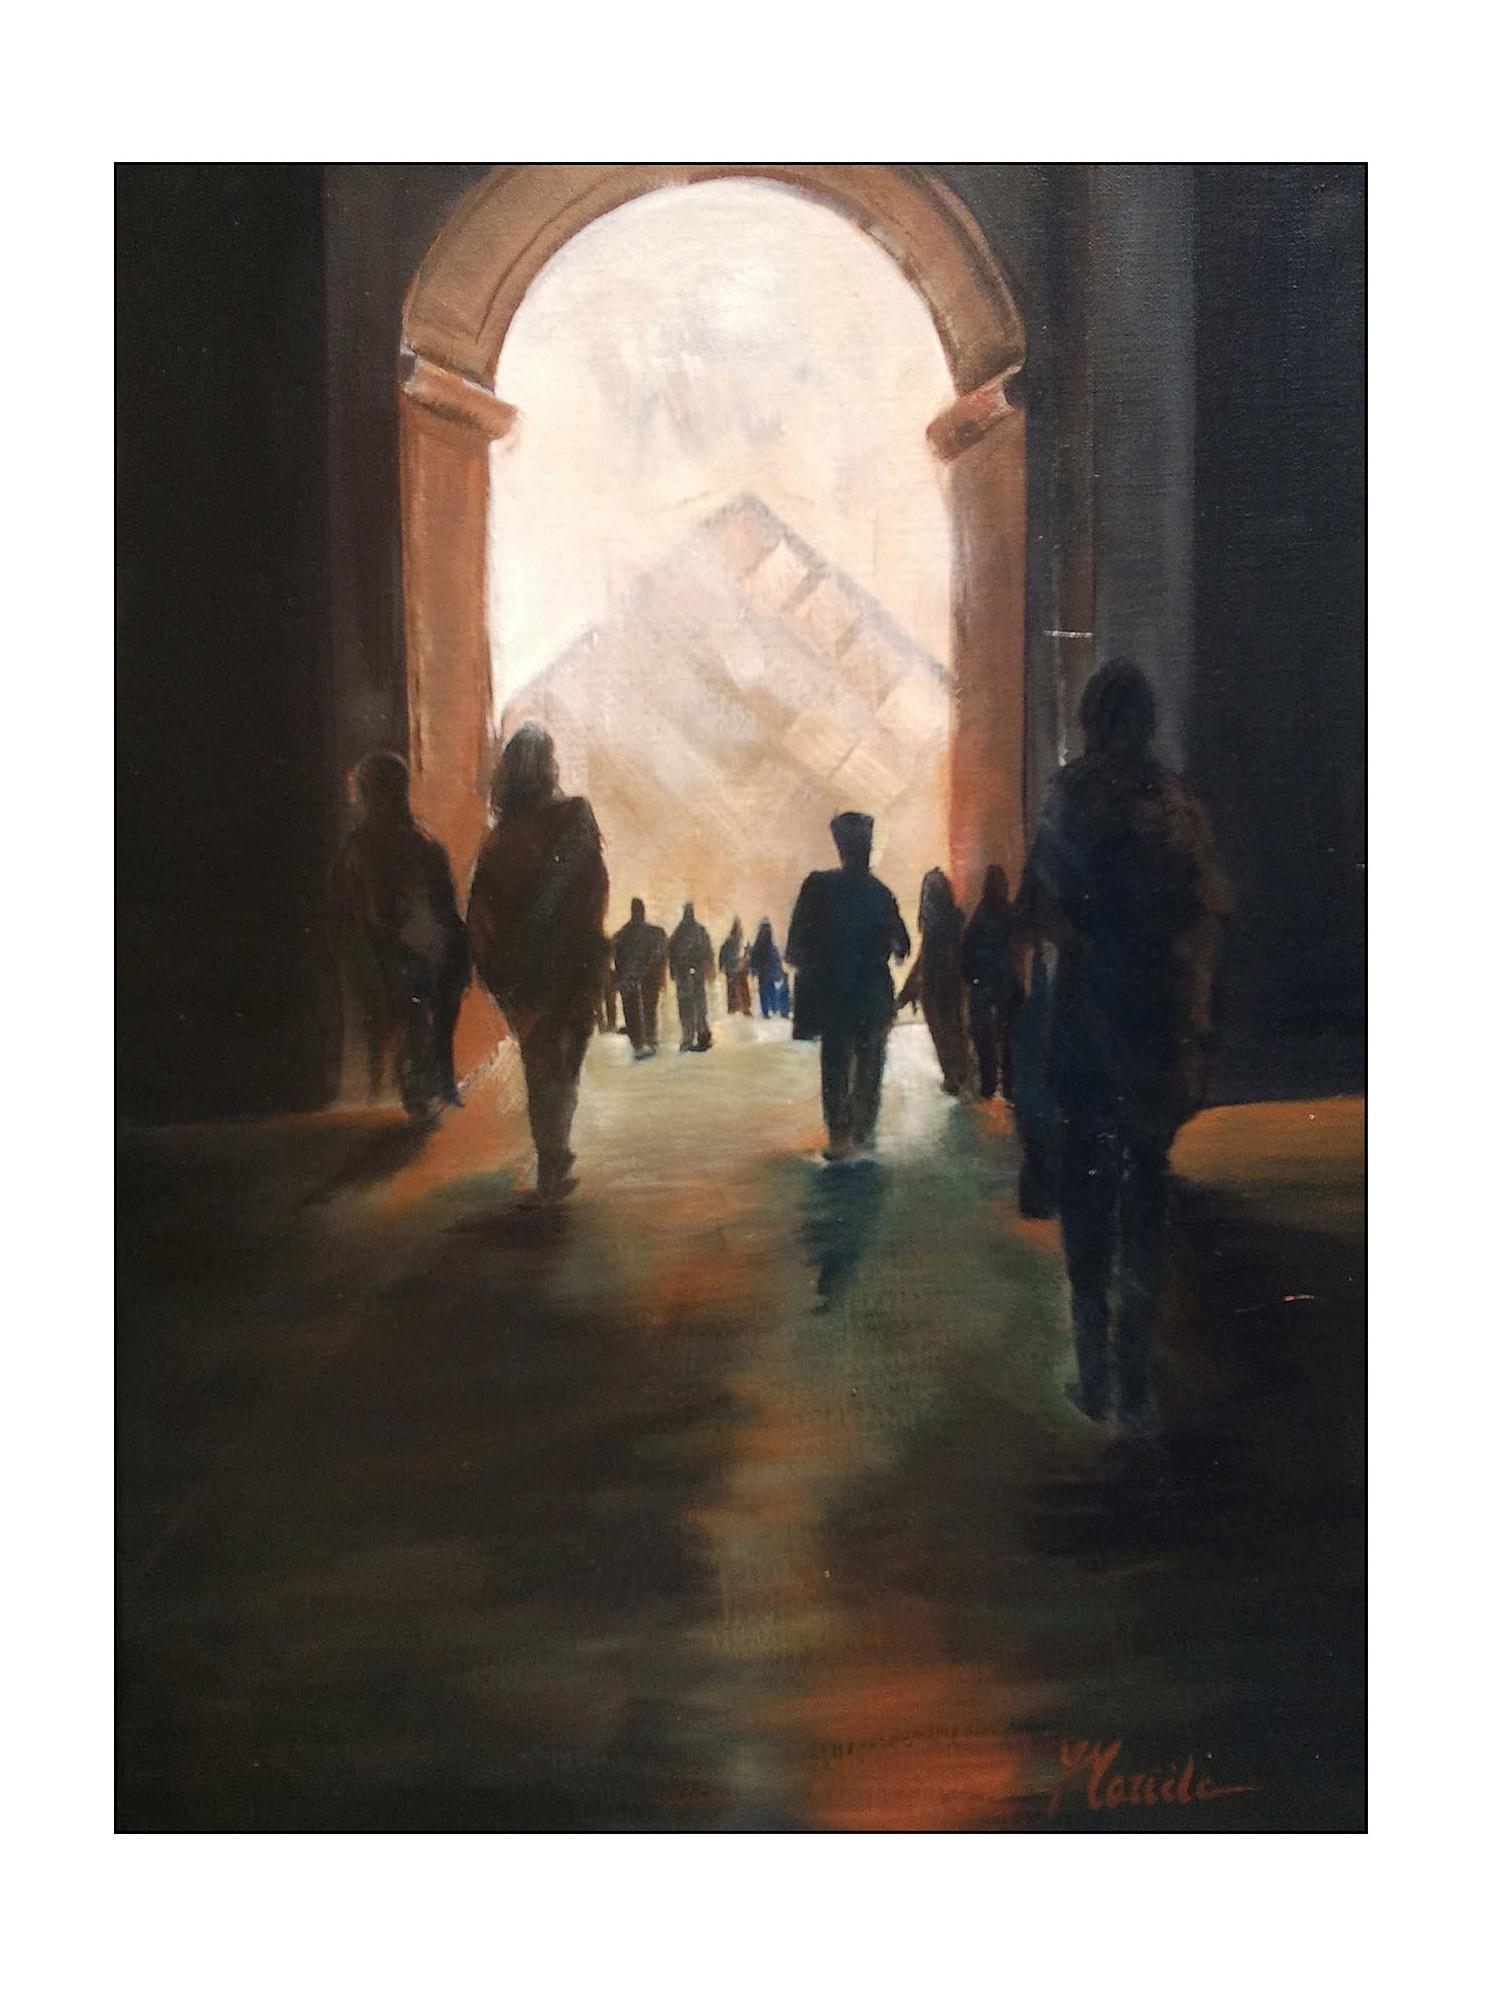 Gissinger-Mariele-Peinture-huile-Peinte-Artiste-Art-gm-Alsace-France– Le-Monde – salon automne – Paris – préfecture paris-ile de France